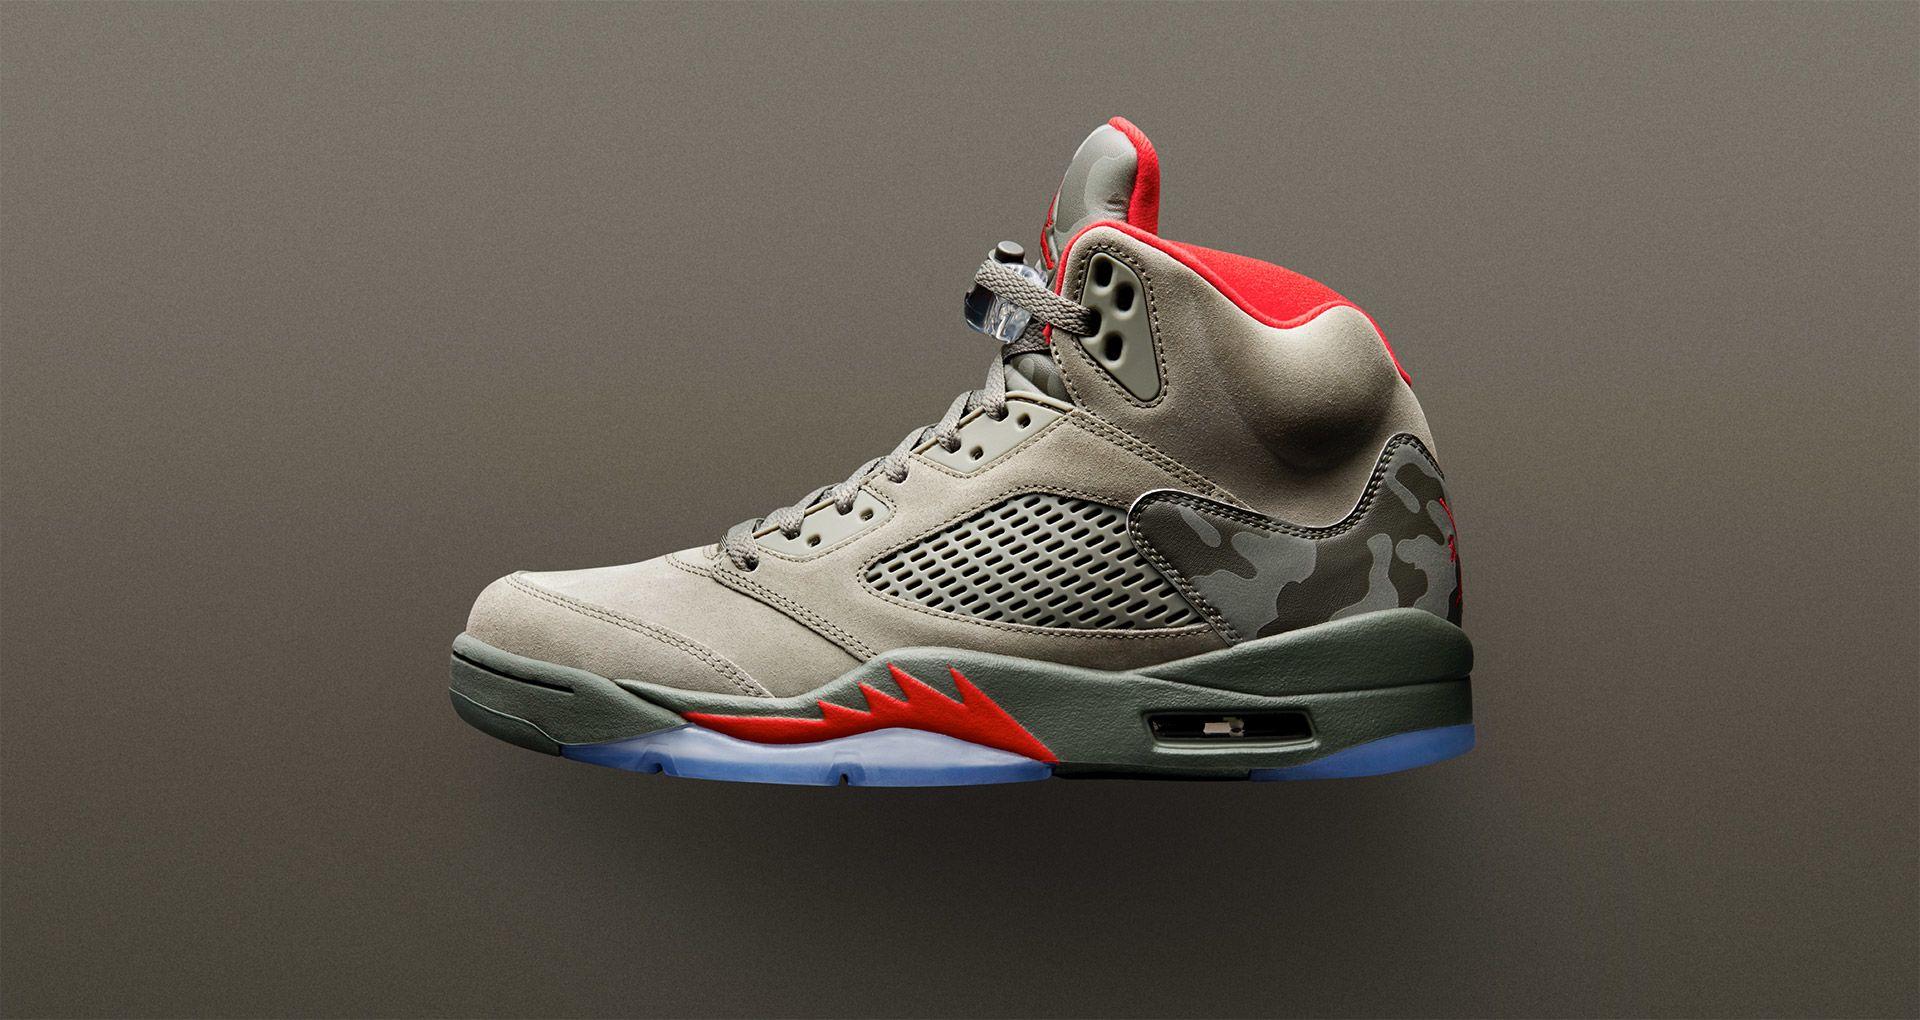 Całkiem nowy sklep internetowy sportowa odzież sportowa Osiris takes flight with the Air Jordan 5 Retro. Nike SNKRS